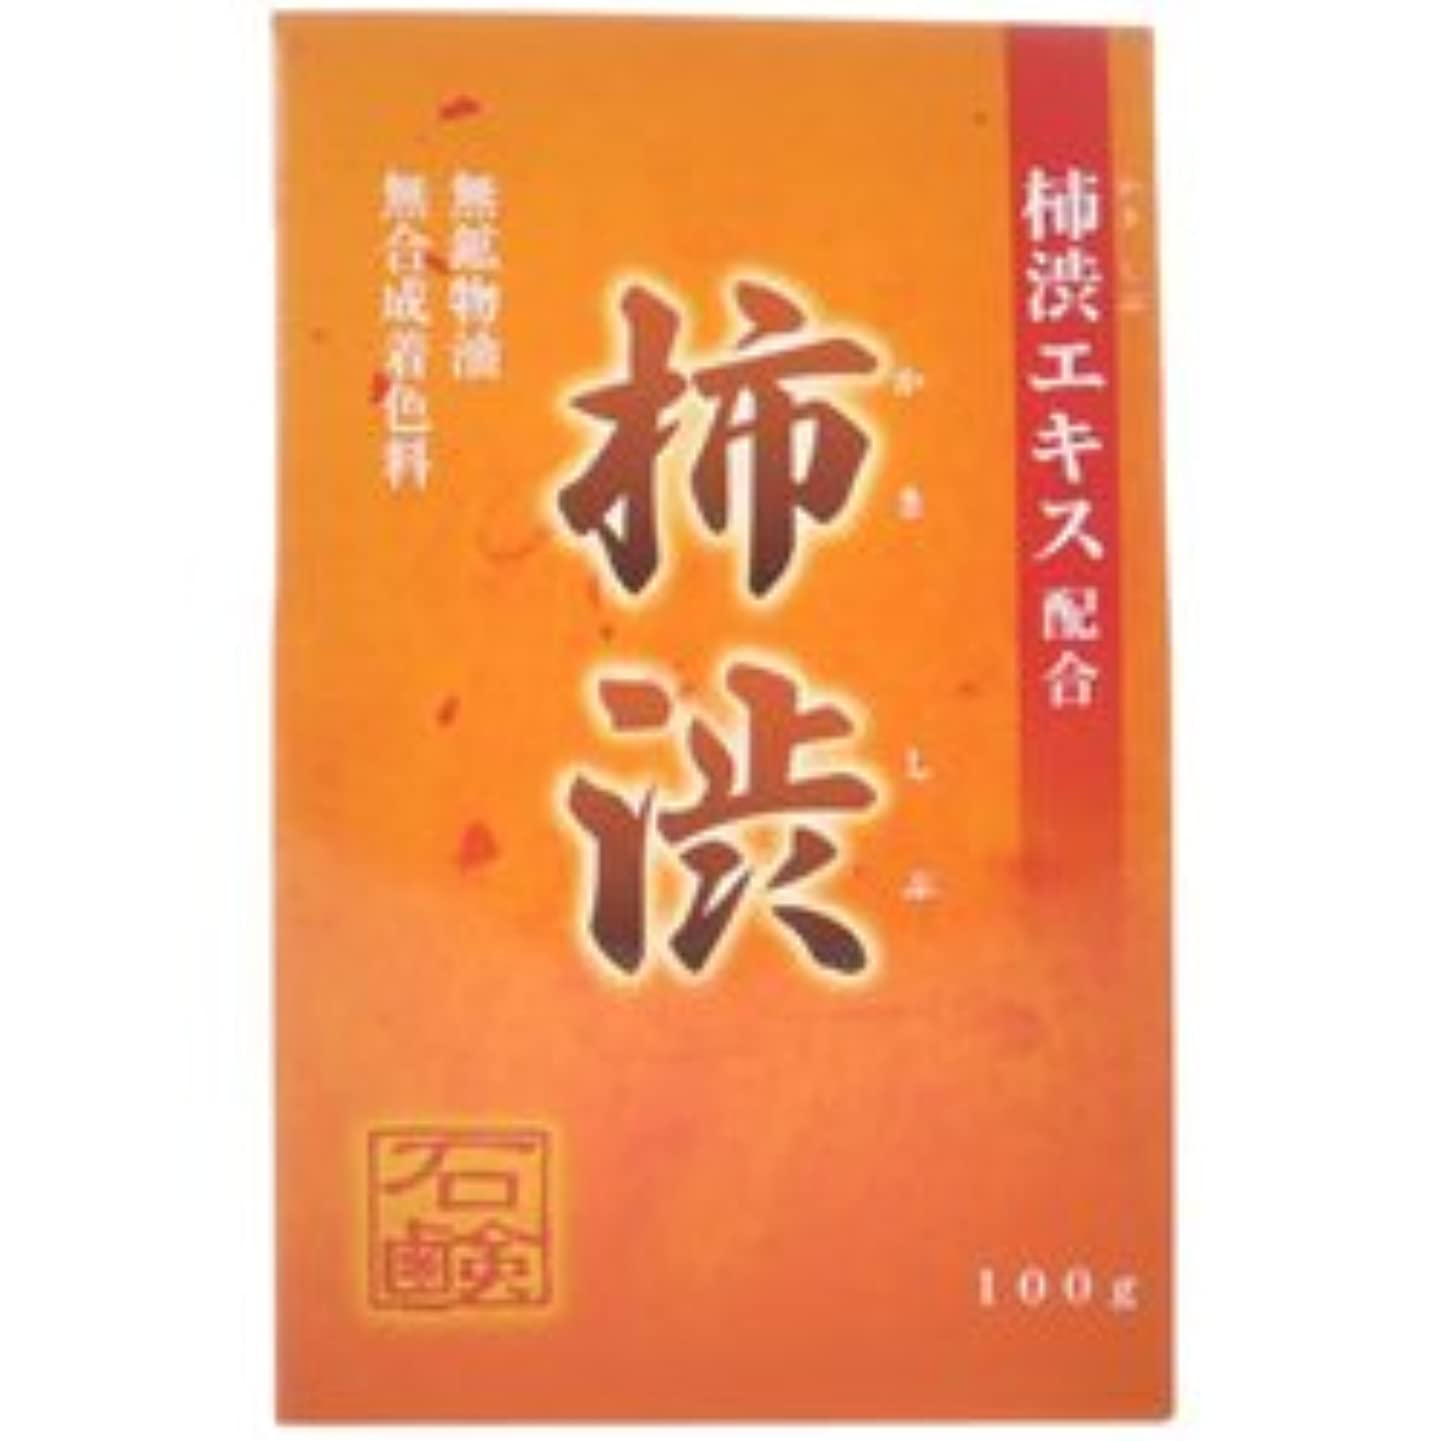 反響する悪性小説家【アール・エイチ・ビープロダクト】新 柿渋石鹸 100g ×5個セット